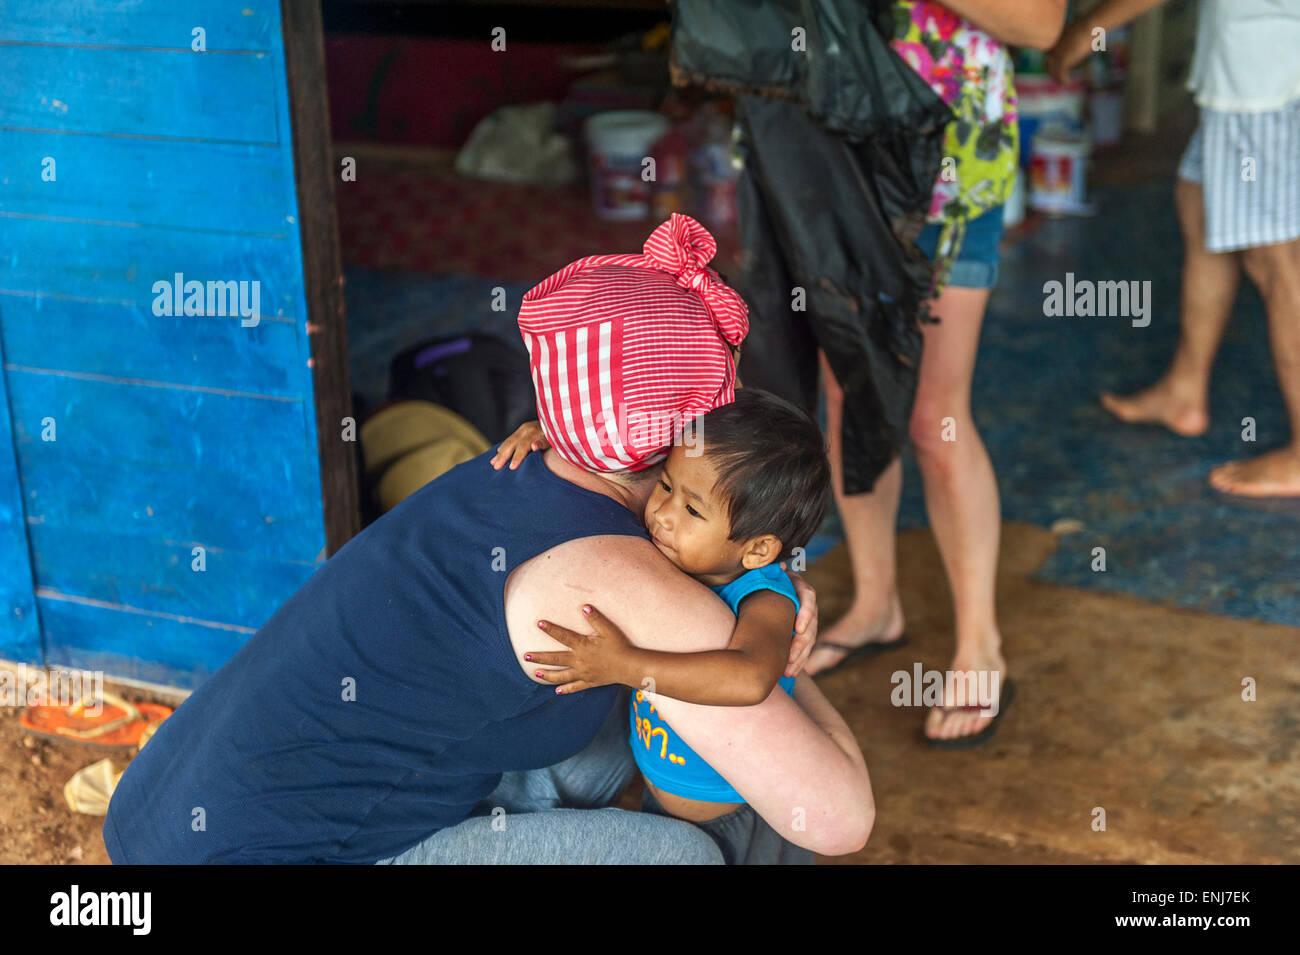 Voluntarios de turismo Despedidas diciendo a los niños en la casa de sus sueños, orfanatos y hogares infantiles. Imagen De Stock